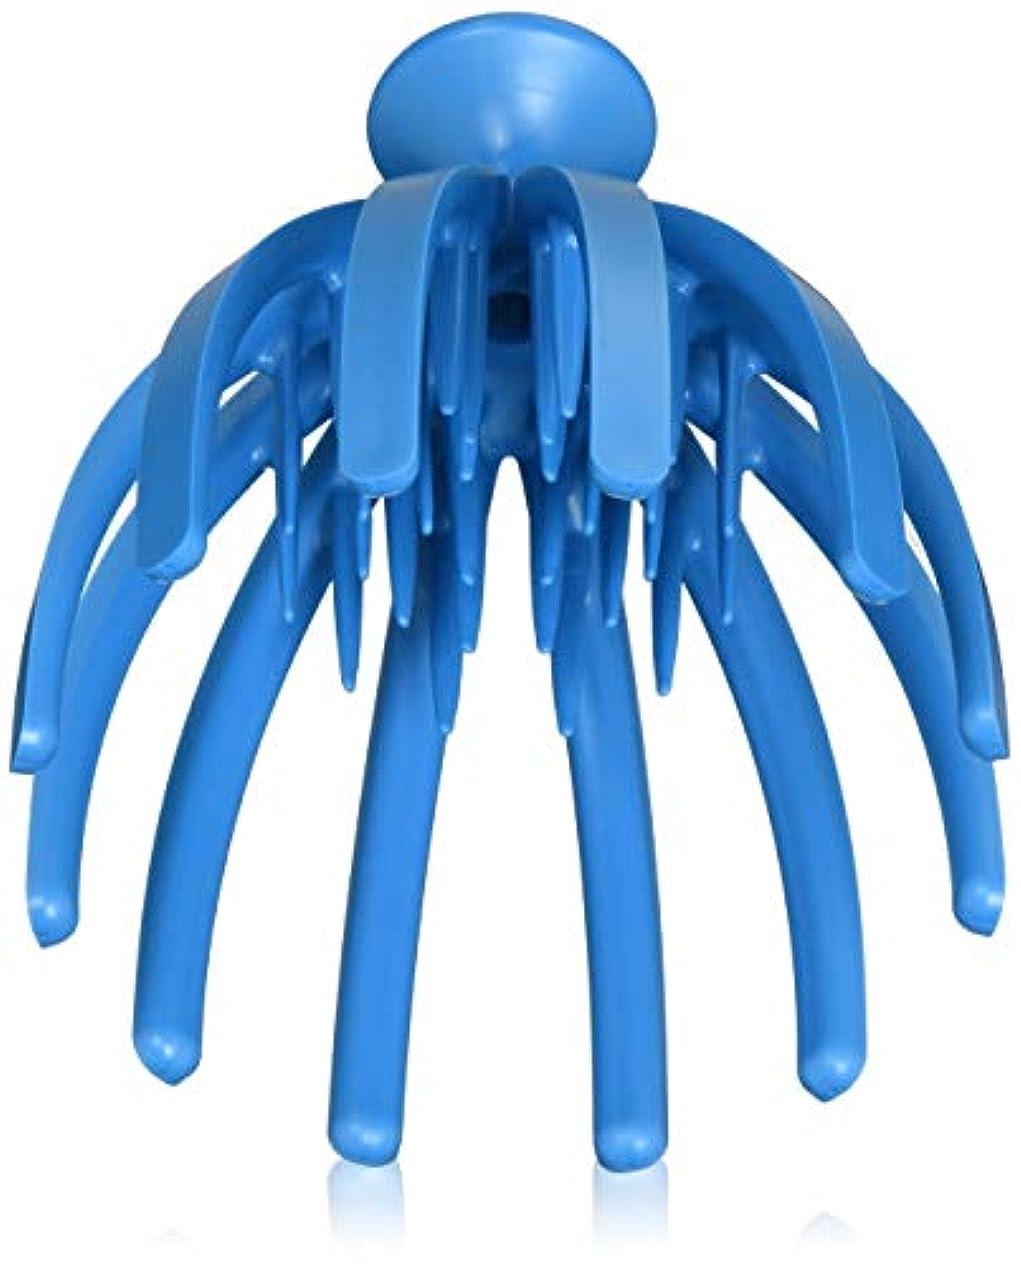 無視する原稿凍結ツボスパヘッド限定ギフトパッケージ ターコイズ